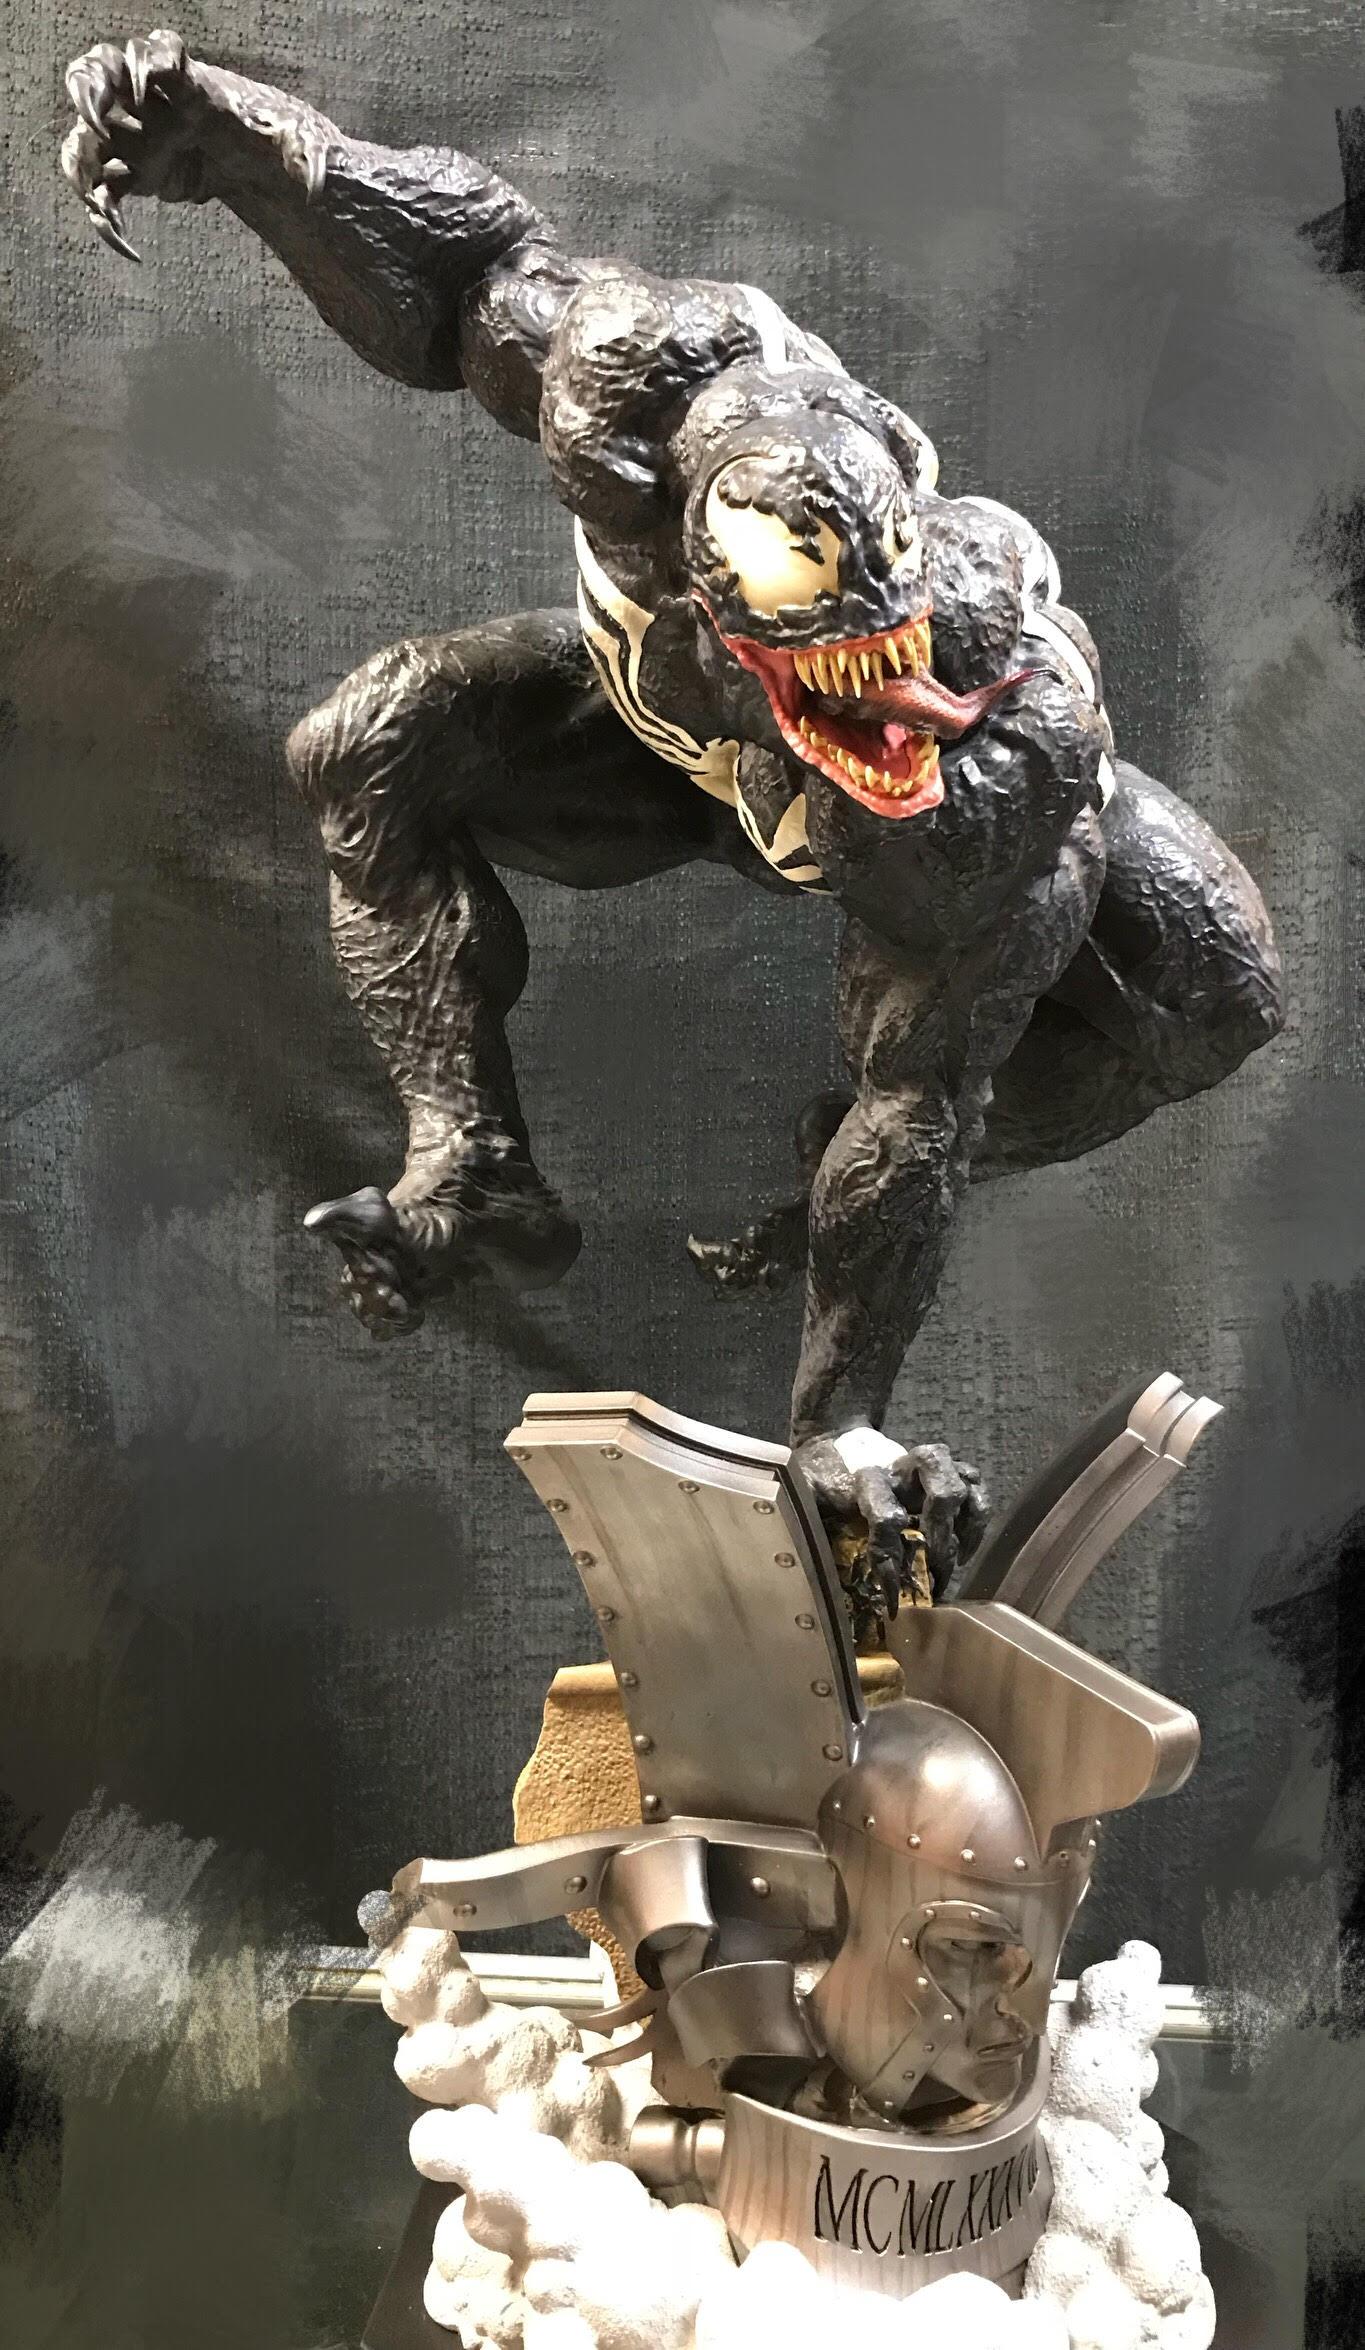 Sideshow Venom Premium Format statue